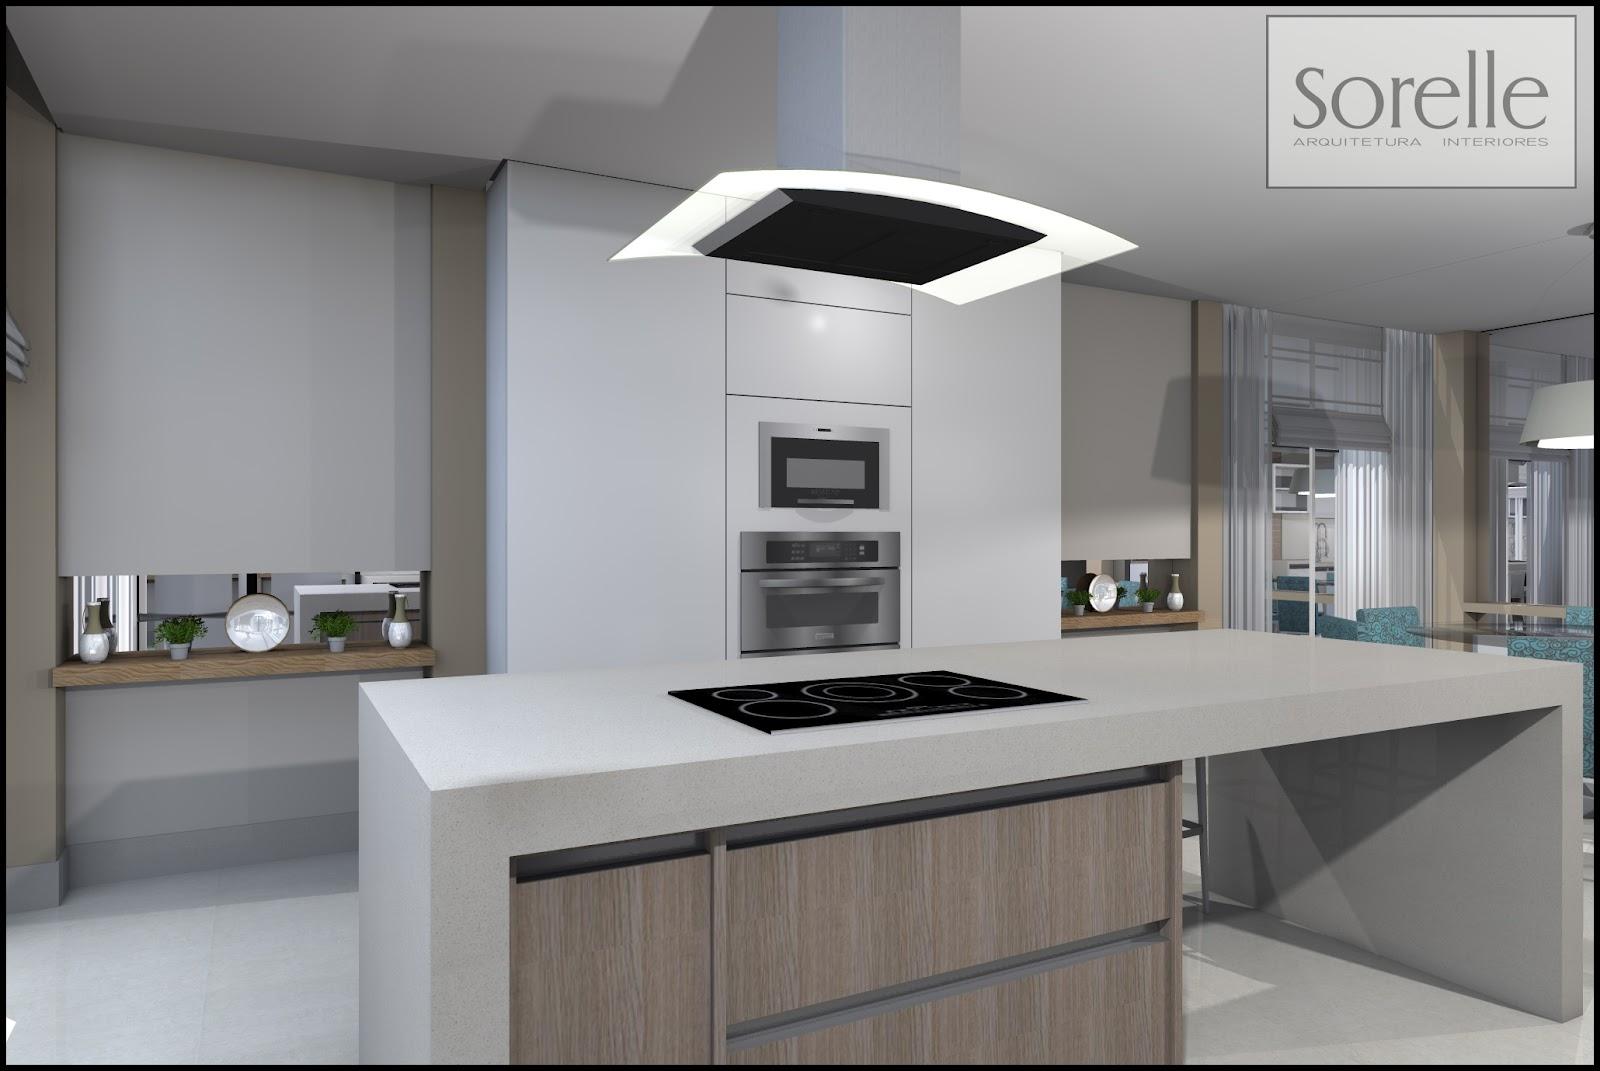 Projeto Sorelle Arquitetura Cozinha e Sala de Jantar Integrada. #635B50 1600 1071